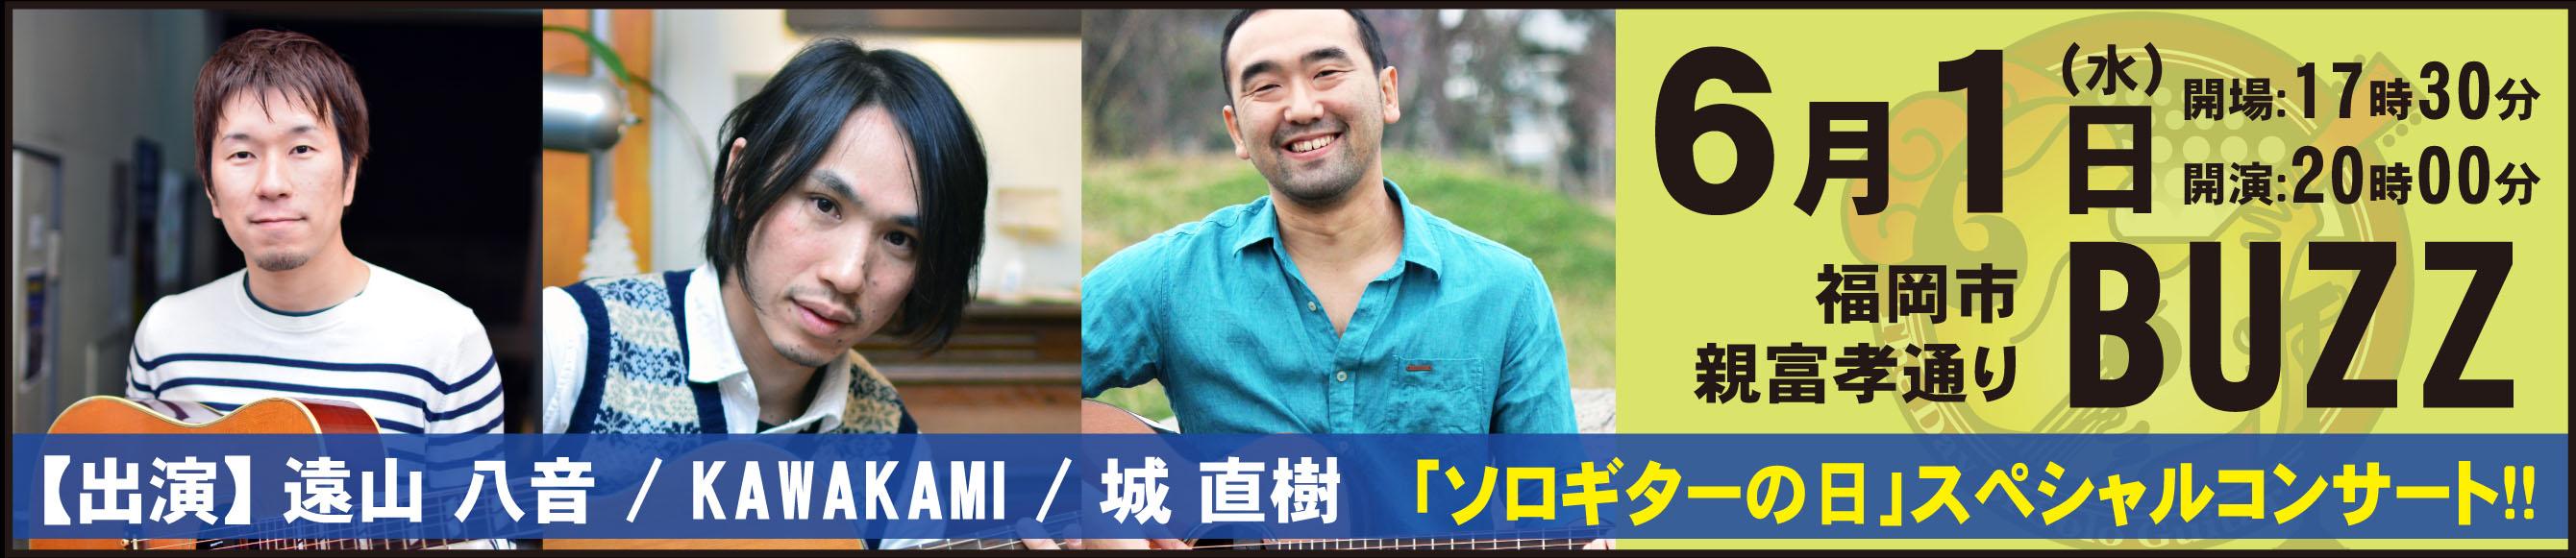 2016_06_01_福岡BUZZ「ソロギターの日」スペシャルライブ!